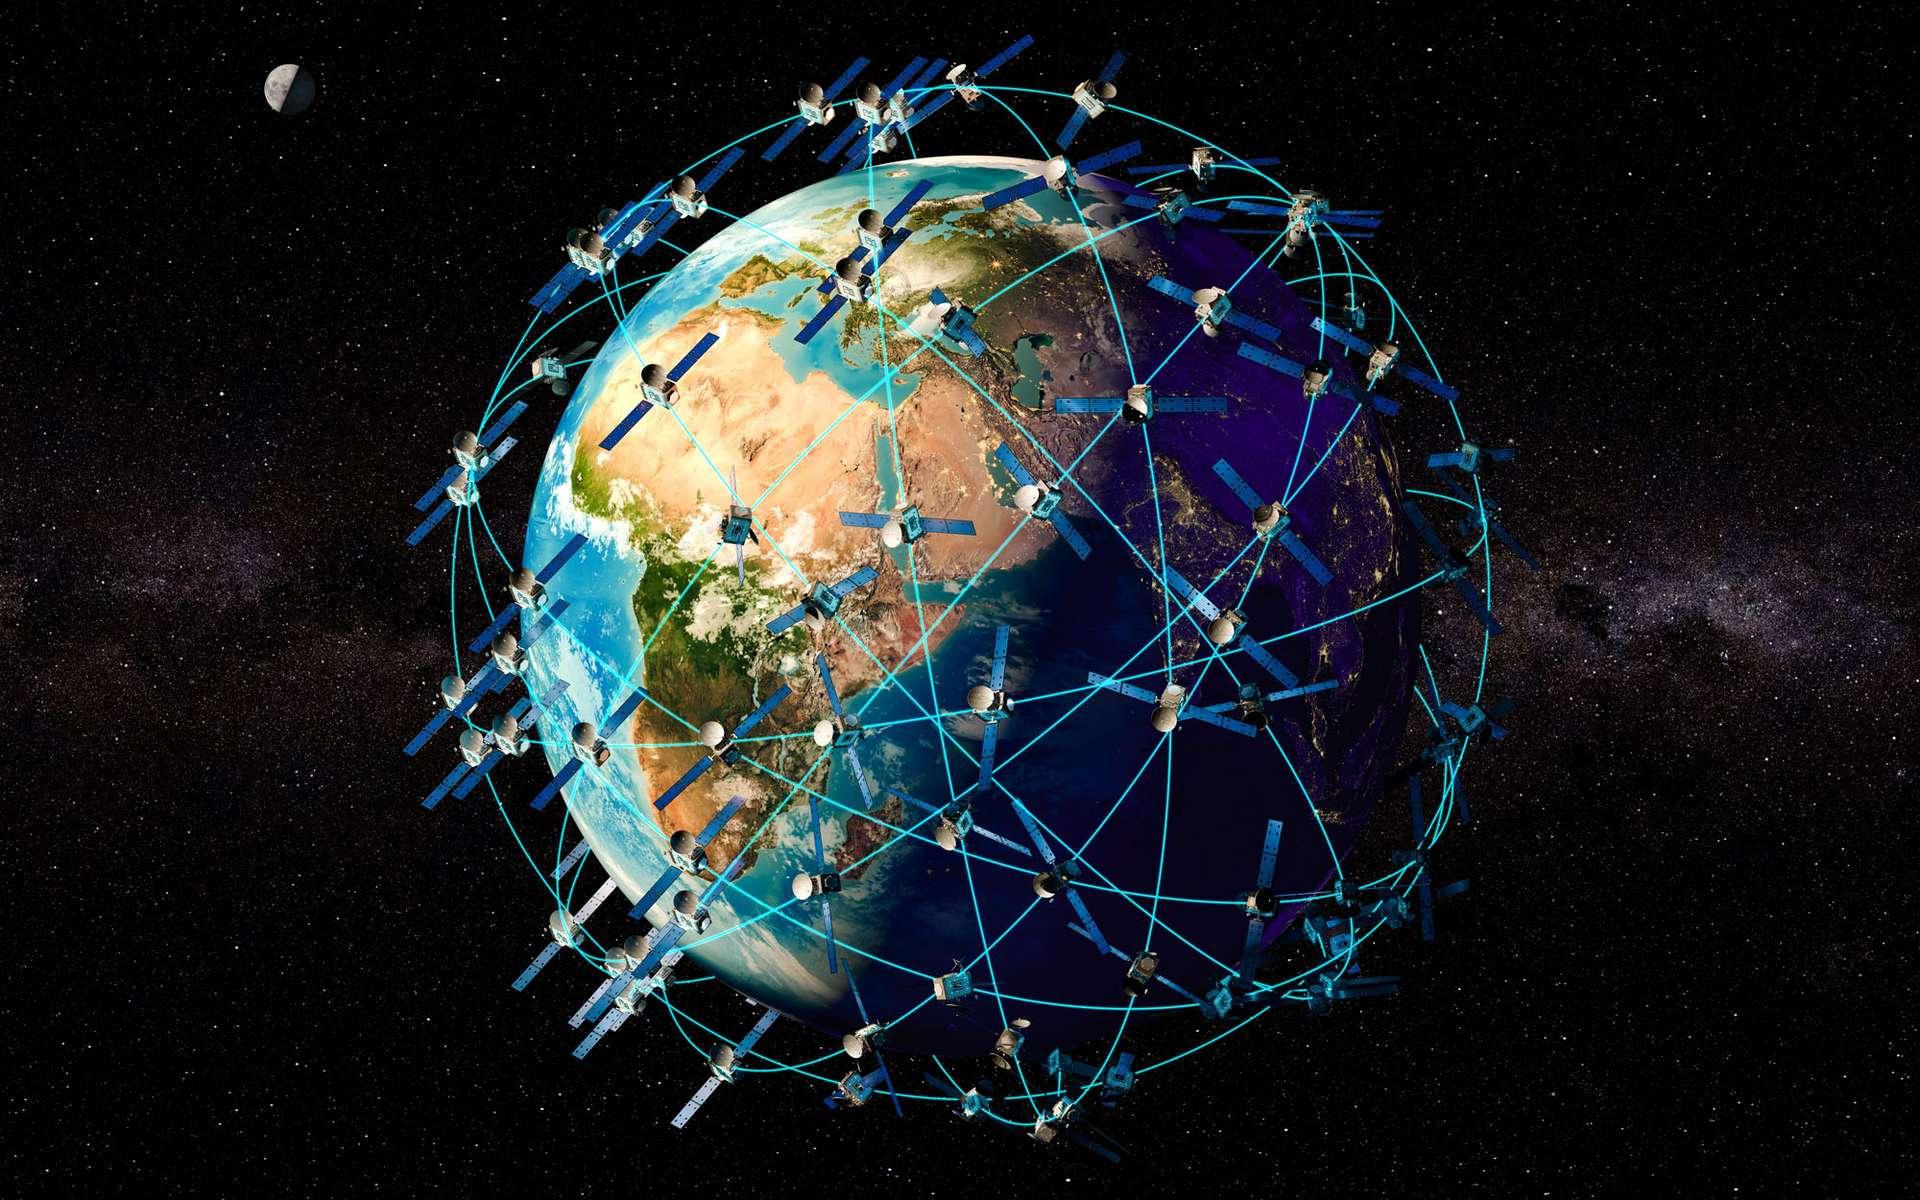 Quelque 500 satellites en orbite sont des satellites de reconnaissance, des « satellites espions ». © alexlmx, Adobe Stock